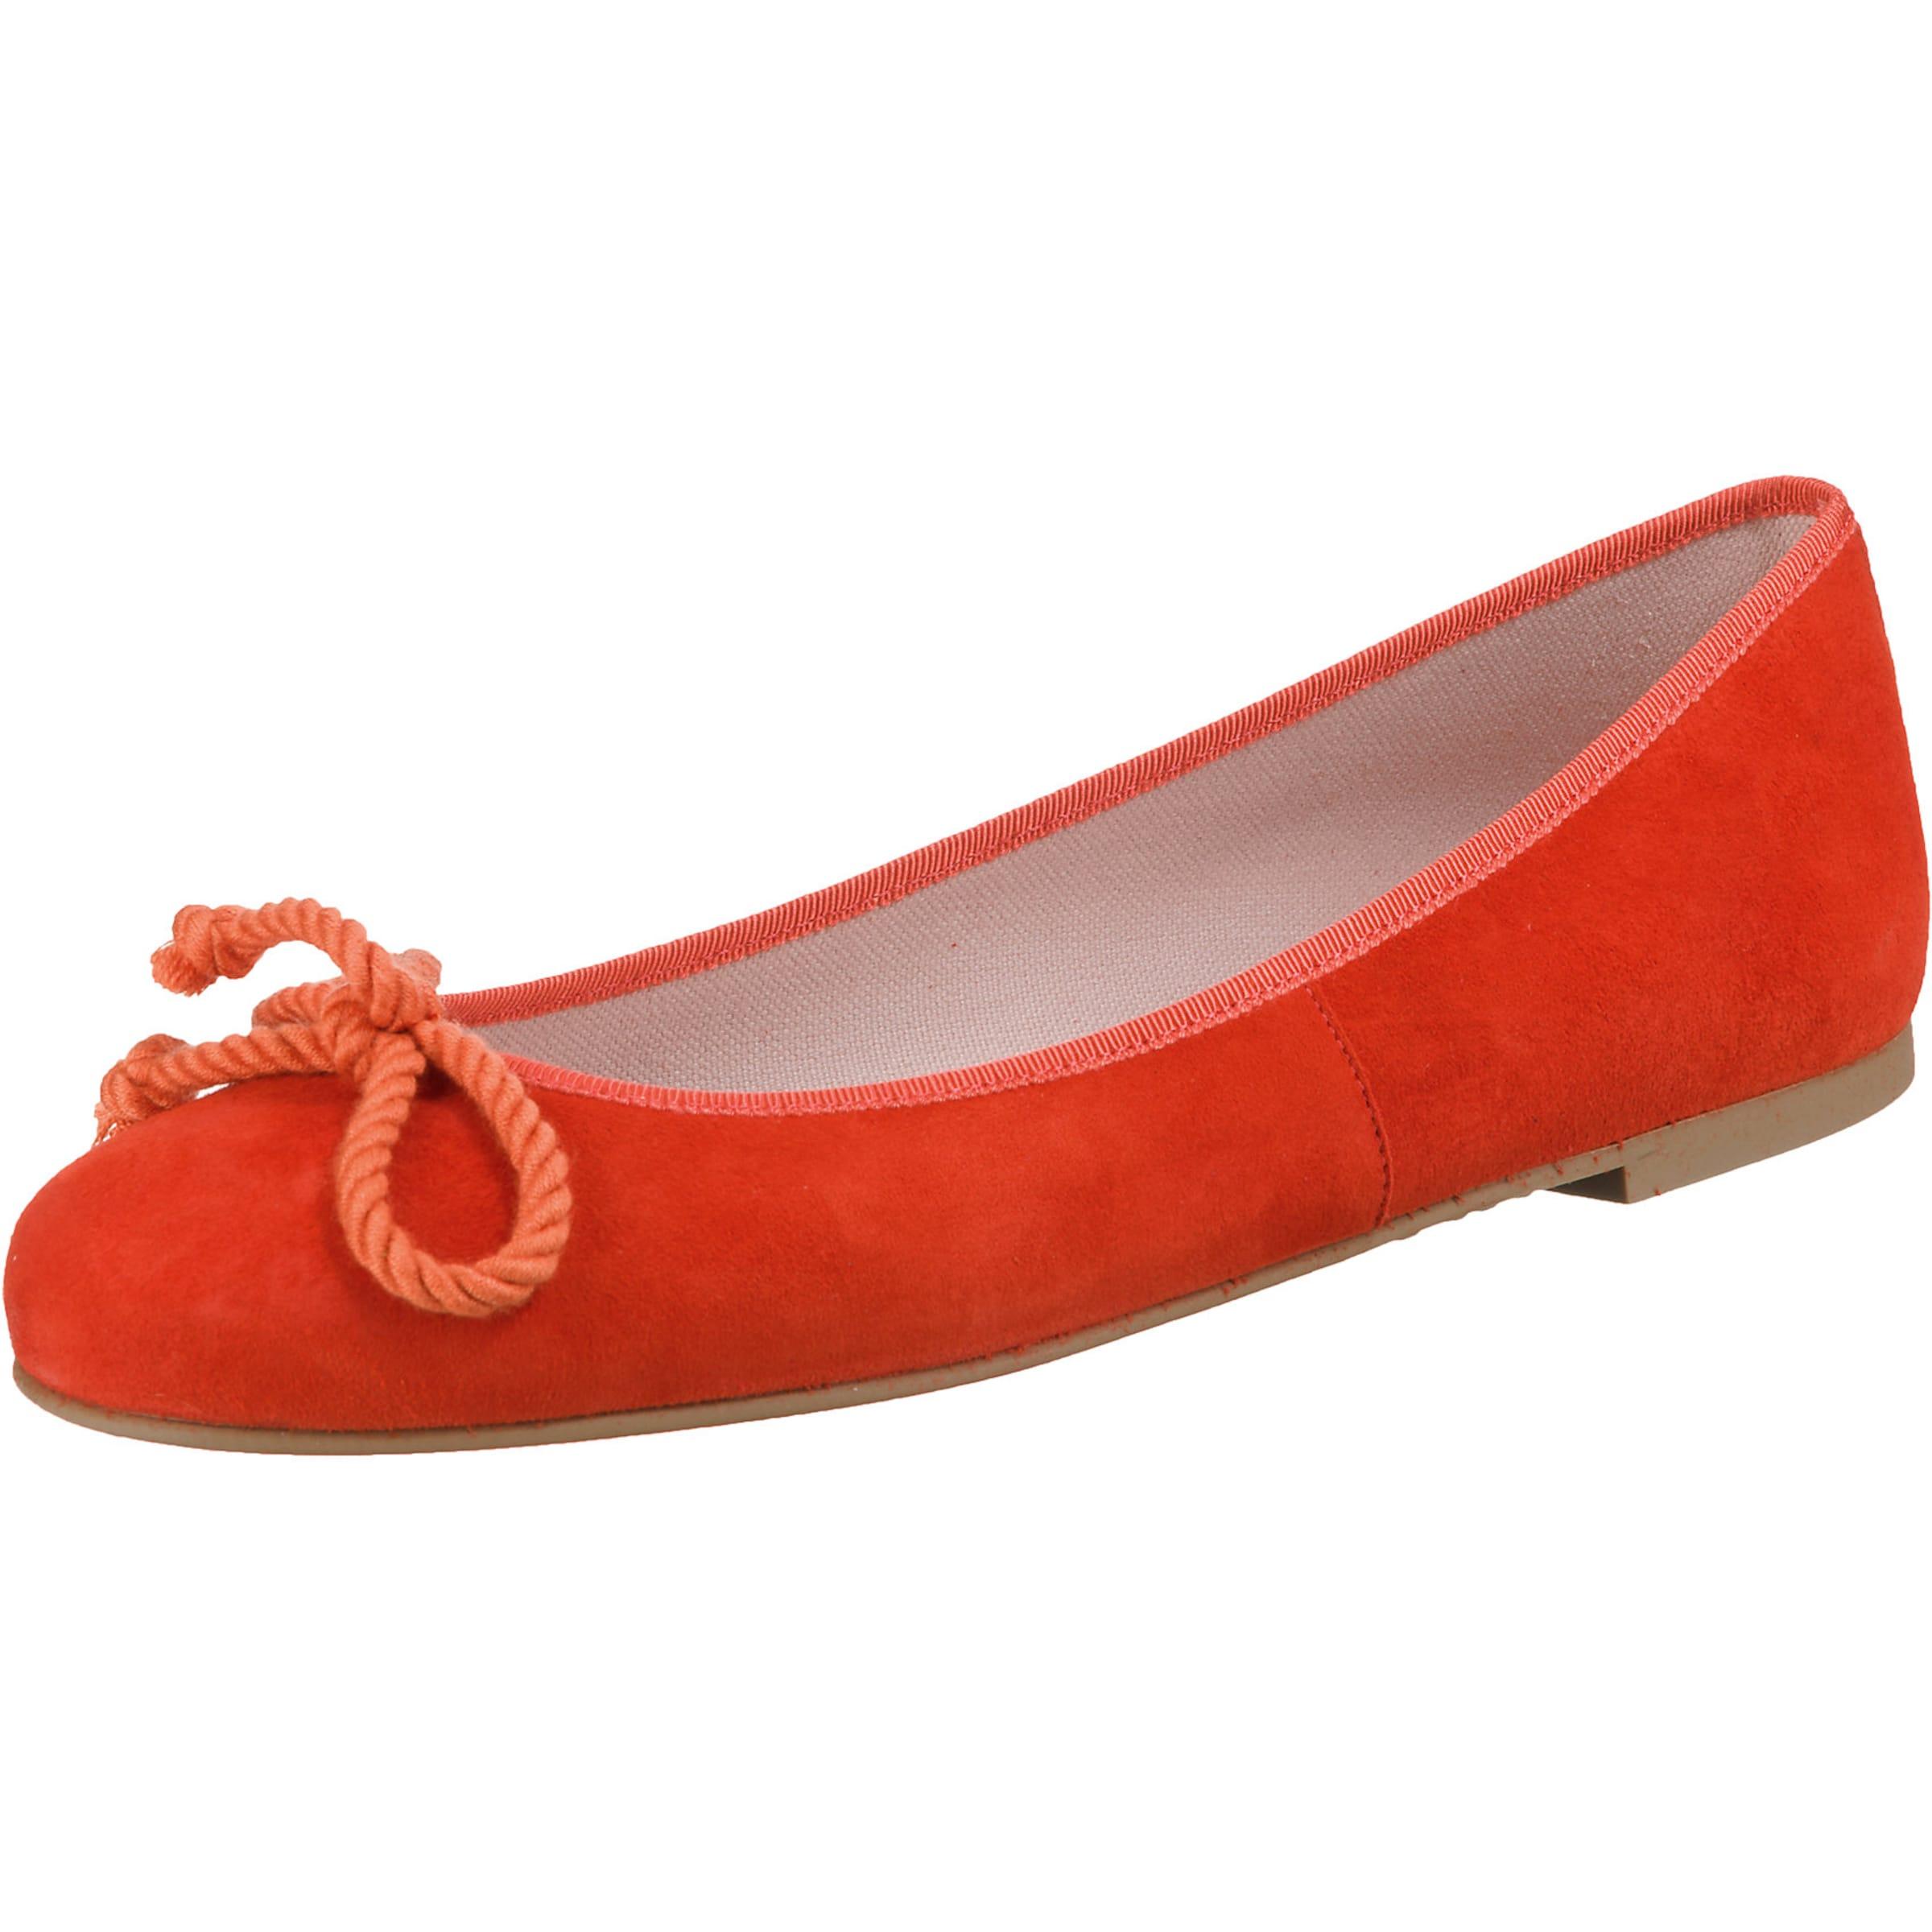 Ballerinas Mit 'ipnotic' In Rot Pretty Kordelschleife QBoxdCEreW